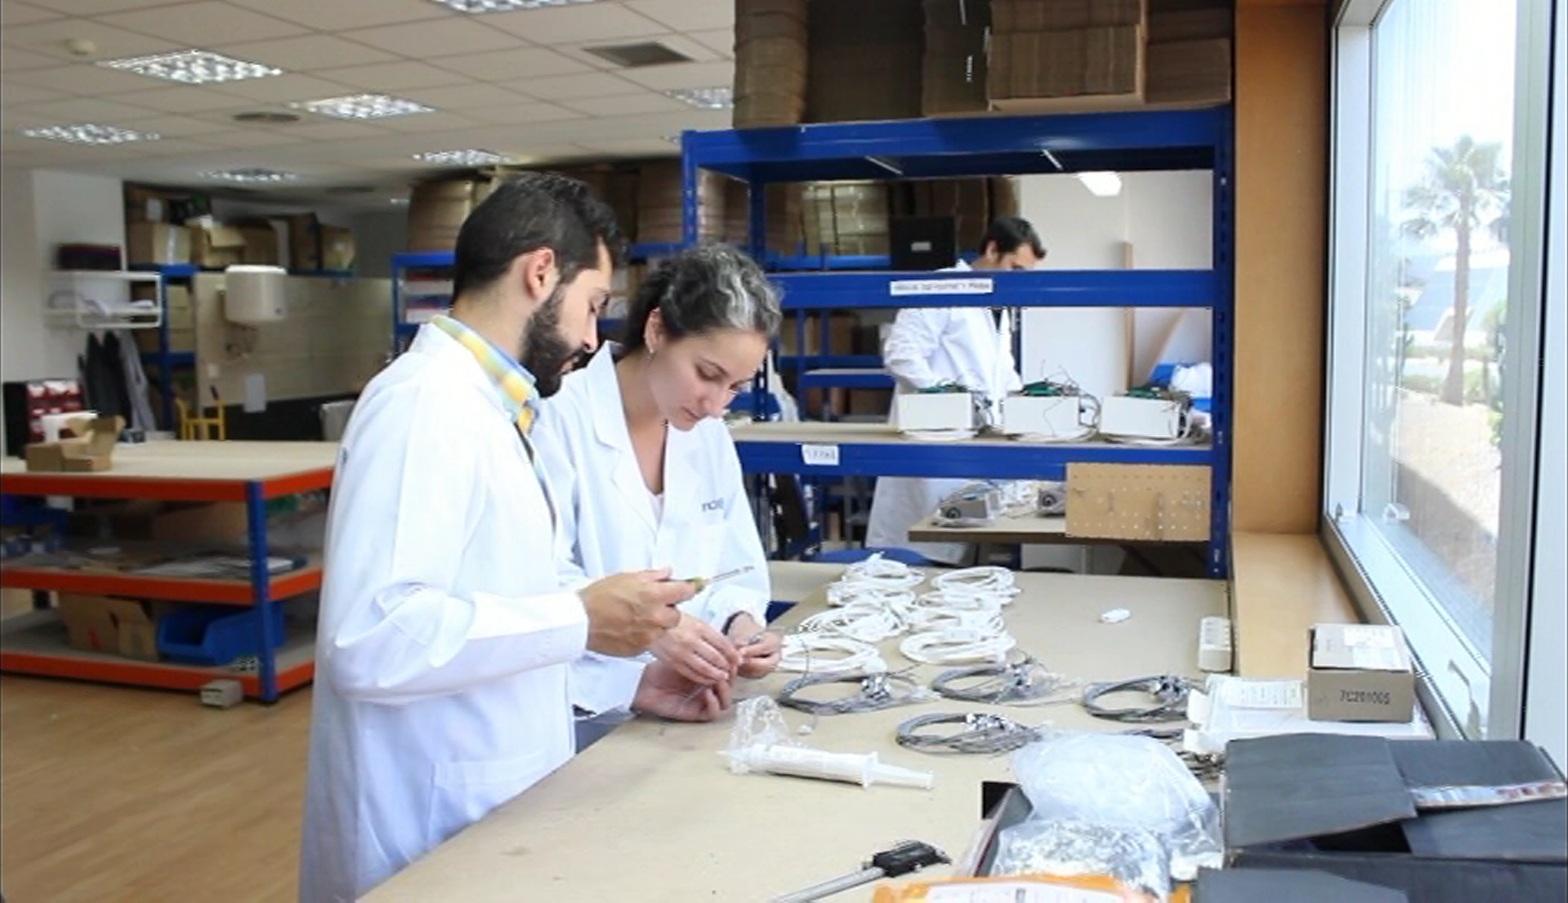 La misión de Métrica6 taller Diseño de producto, desarrollo, I+D+i, innovación, ingeniería, consultoría